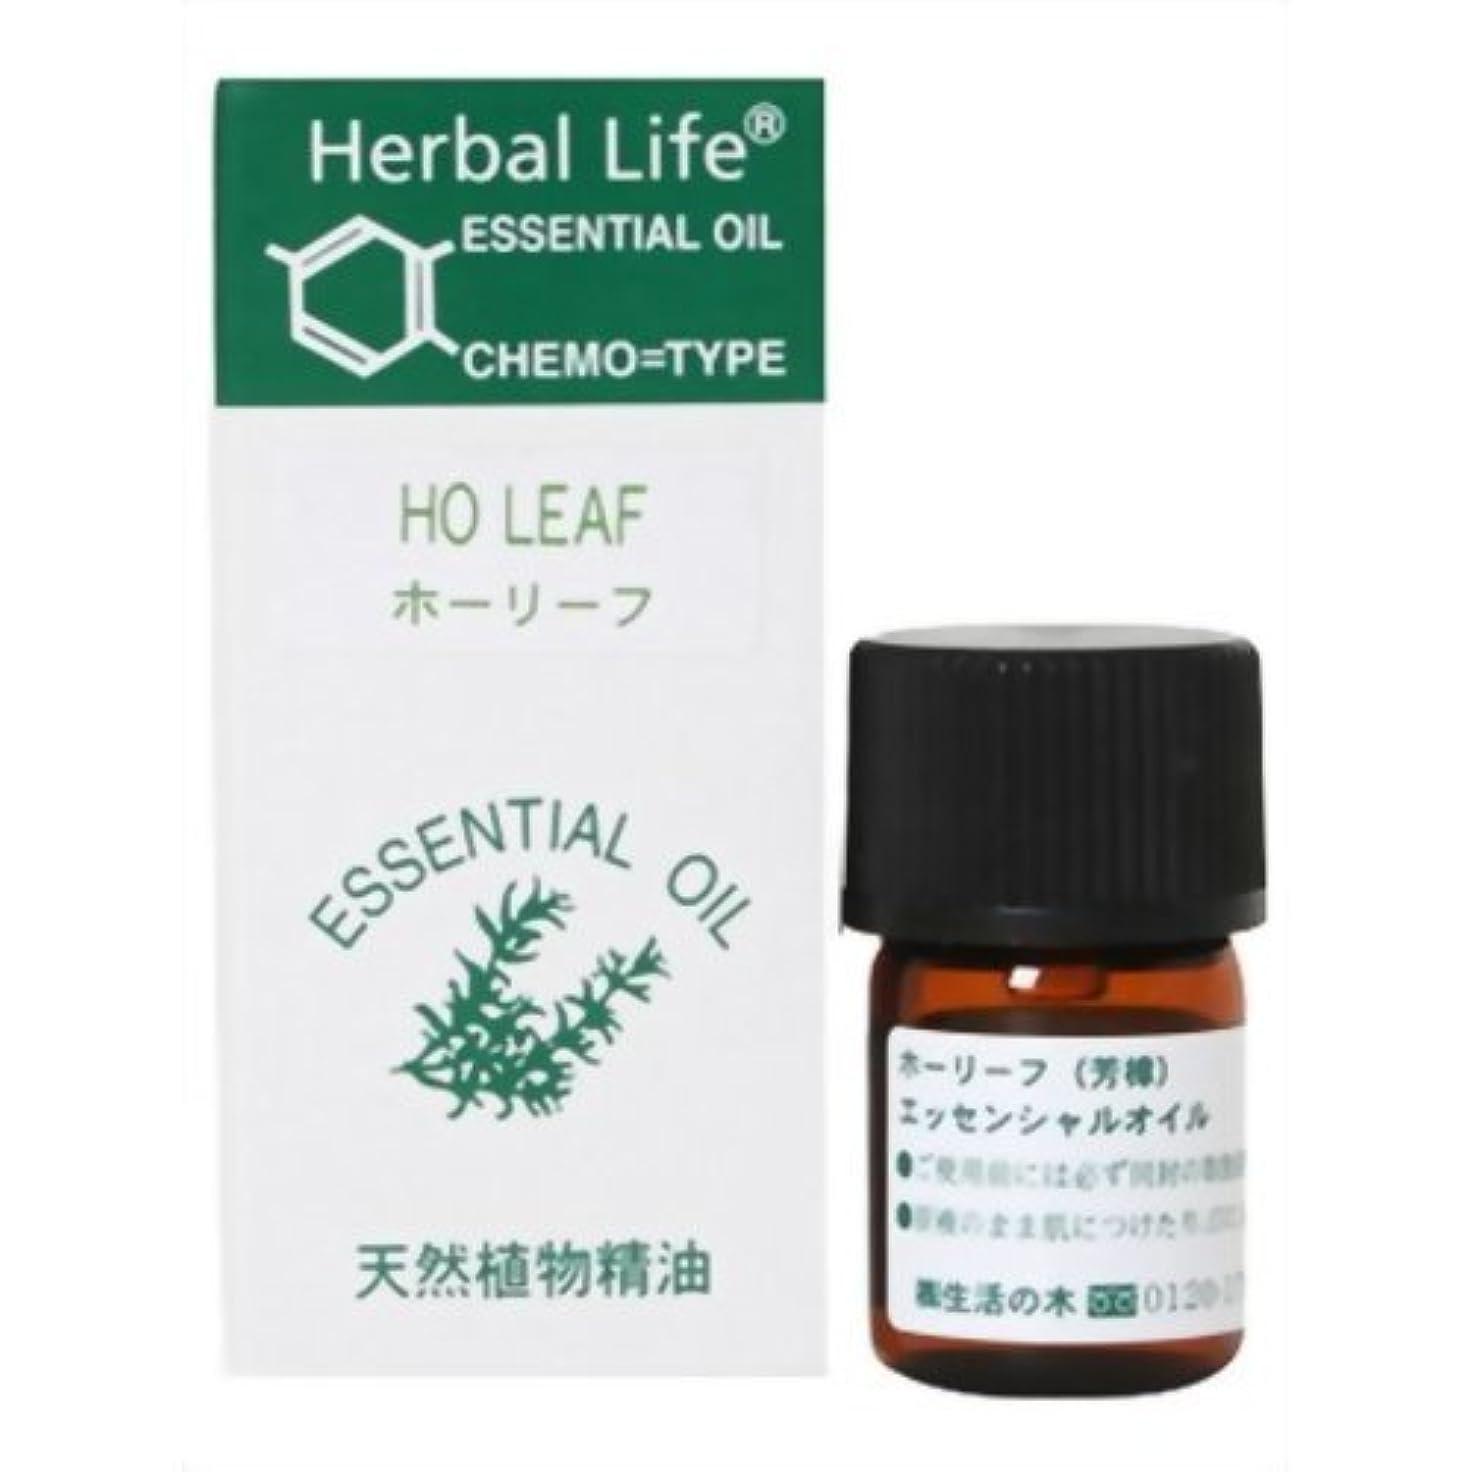 忘れる原告クルー生活の木 Herbal Life ホーリーフ 3ml